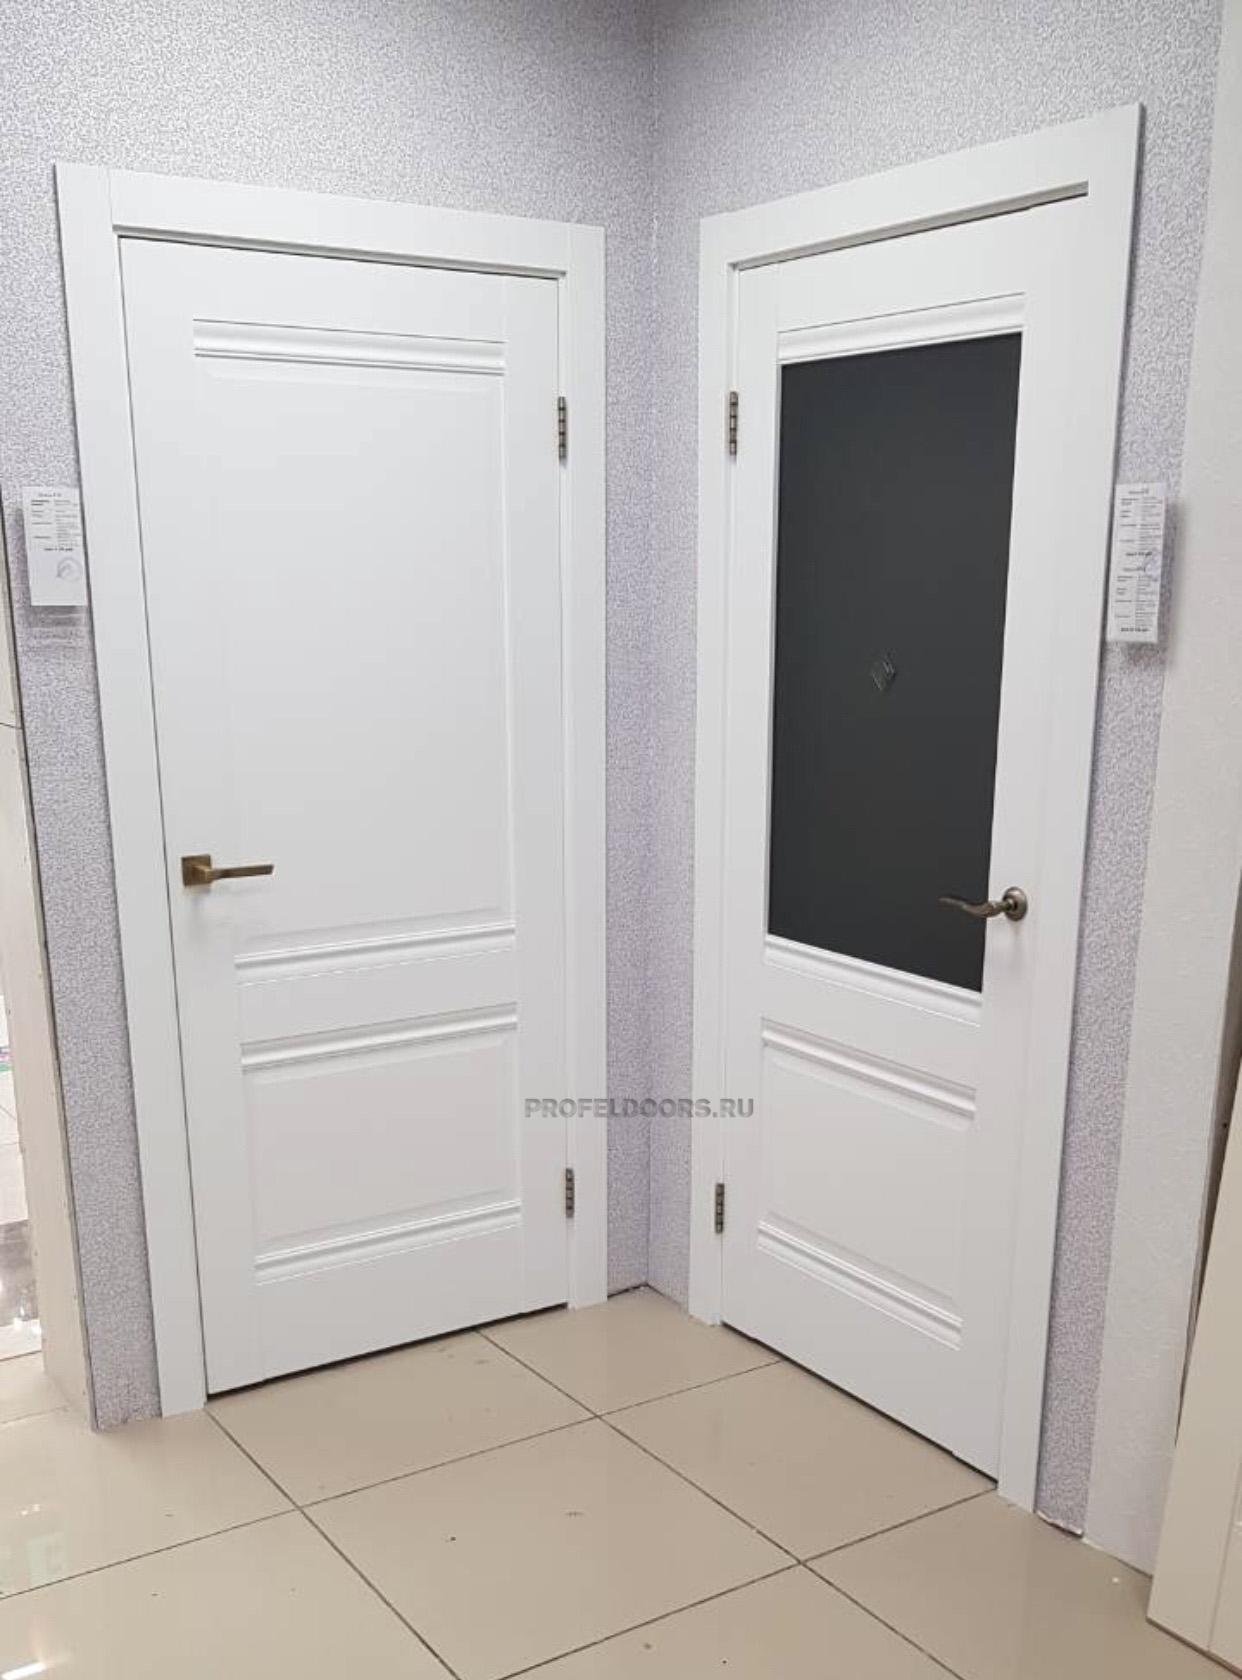 Пример №5 установленой двери